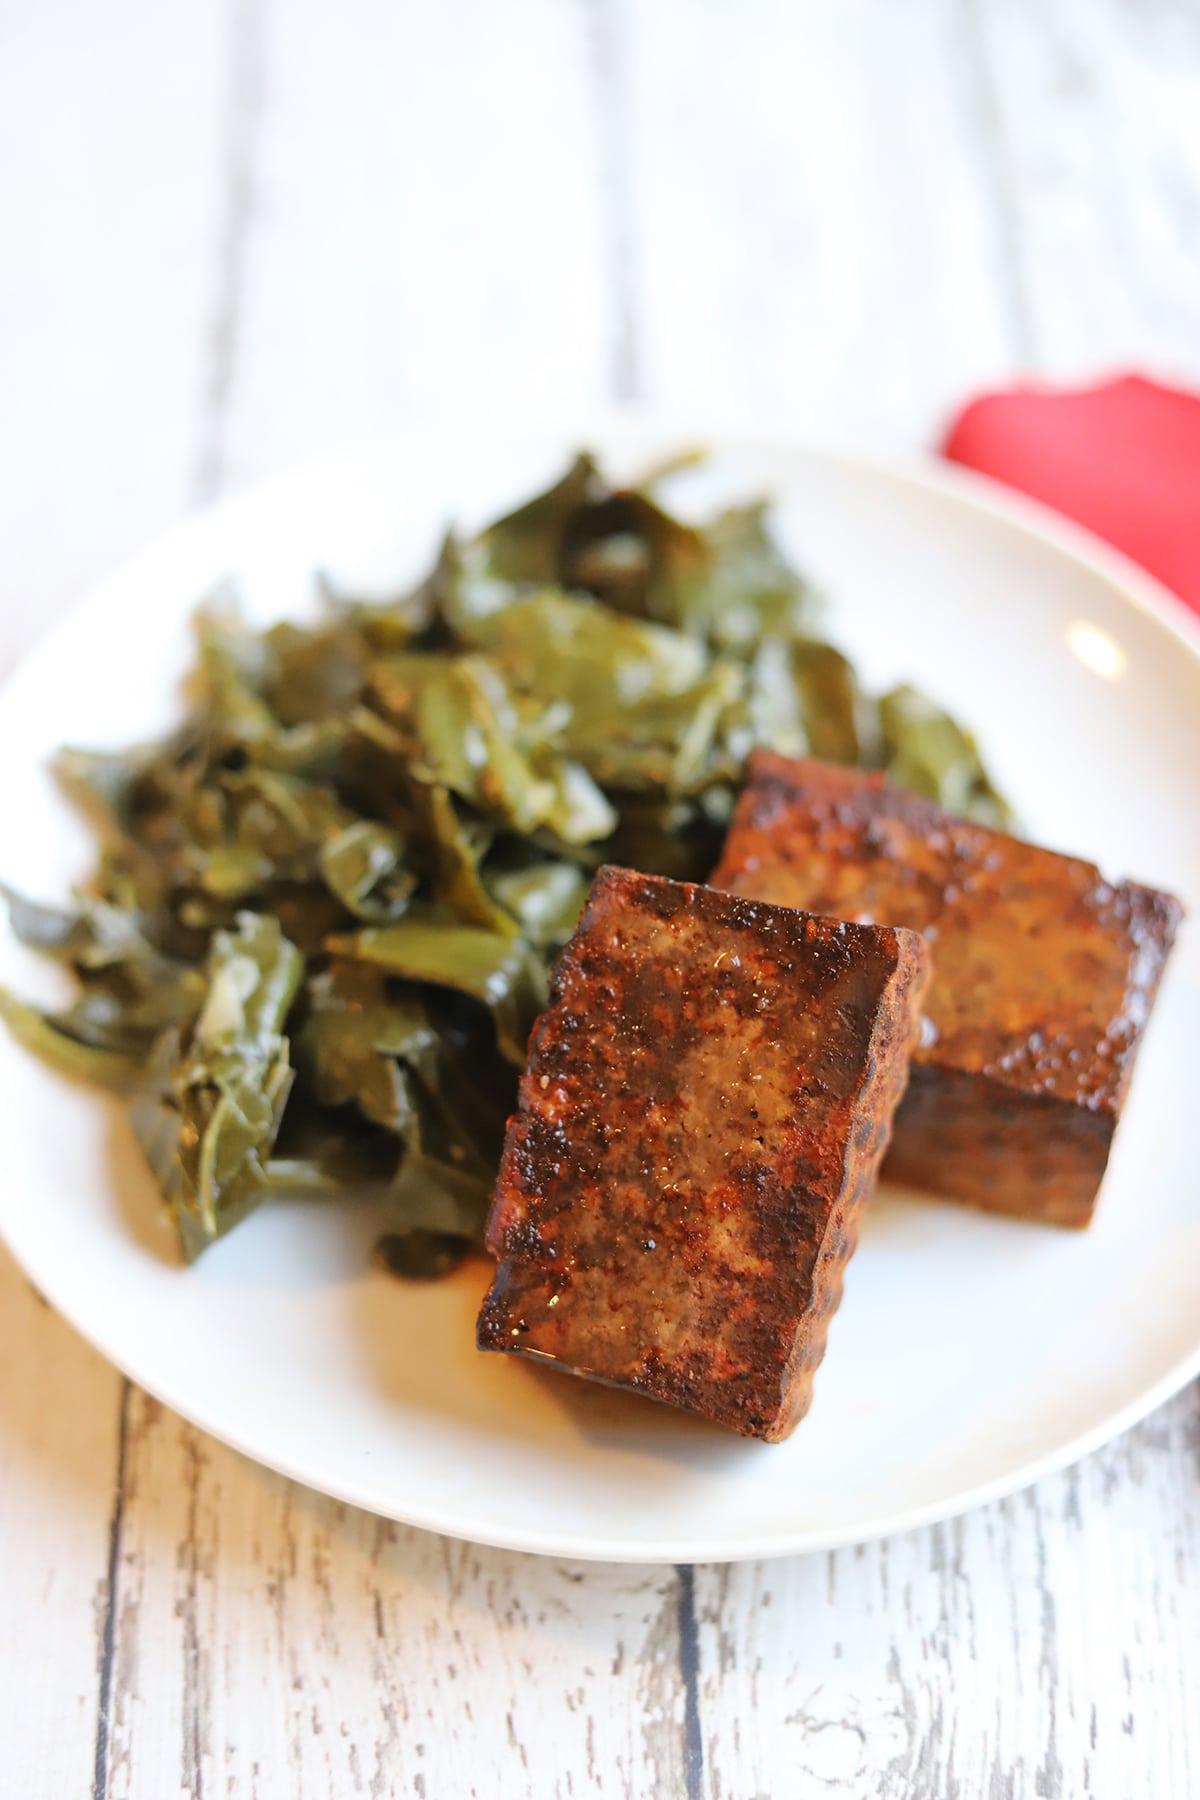 Smoked tofu and collard greens on plate.